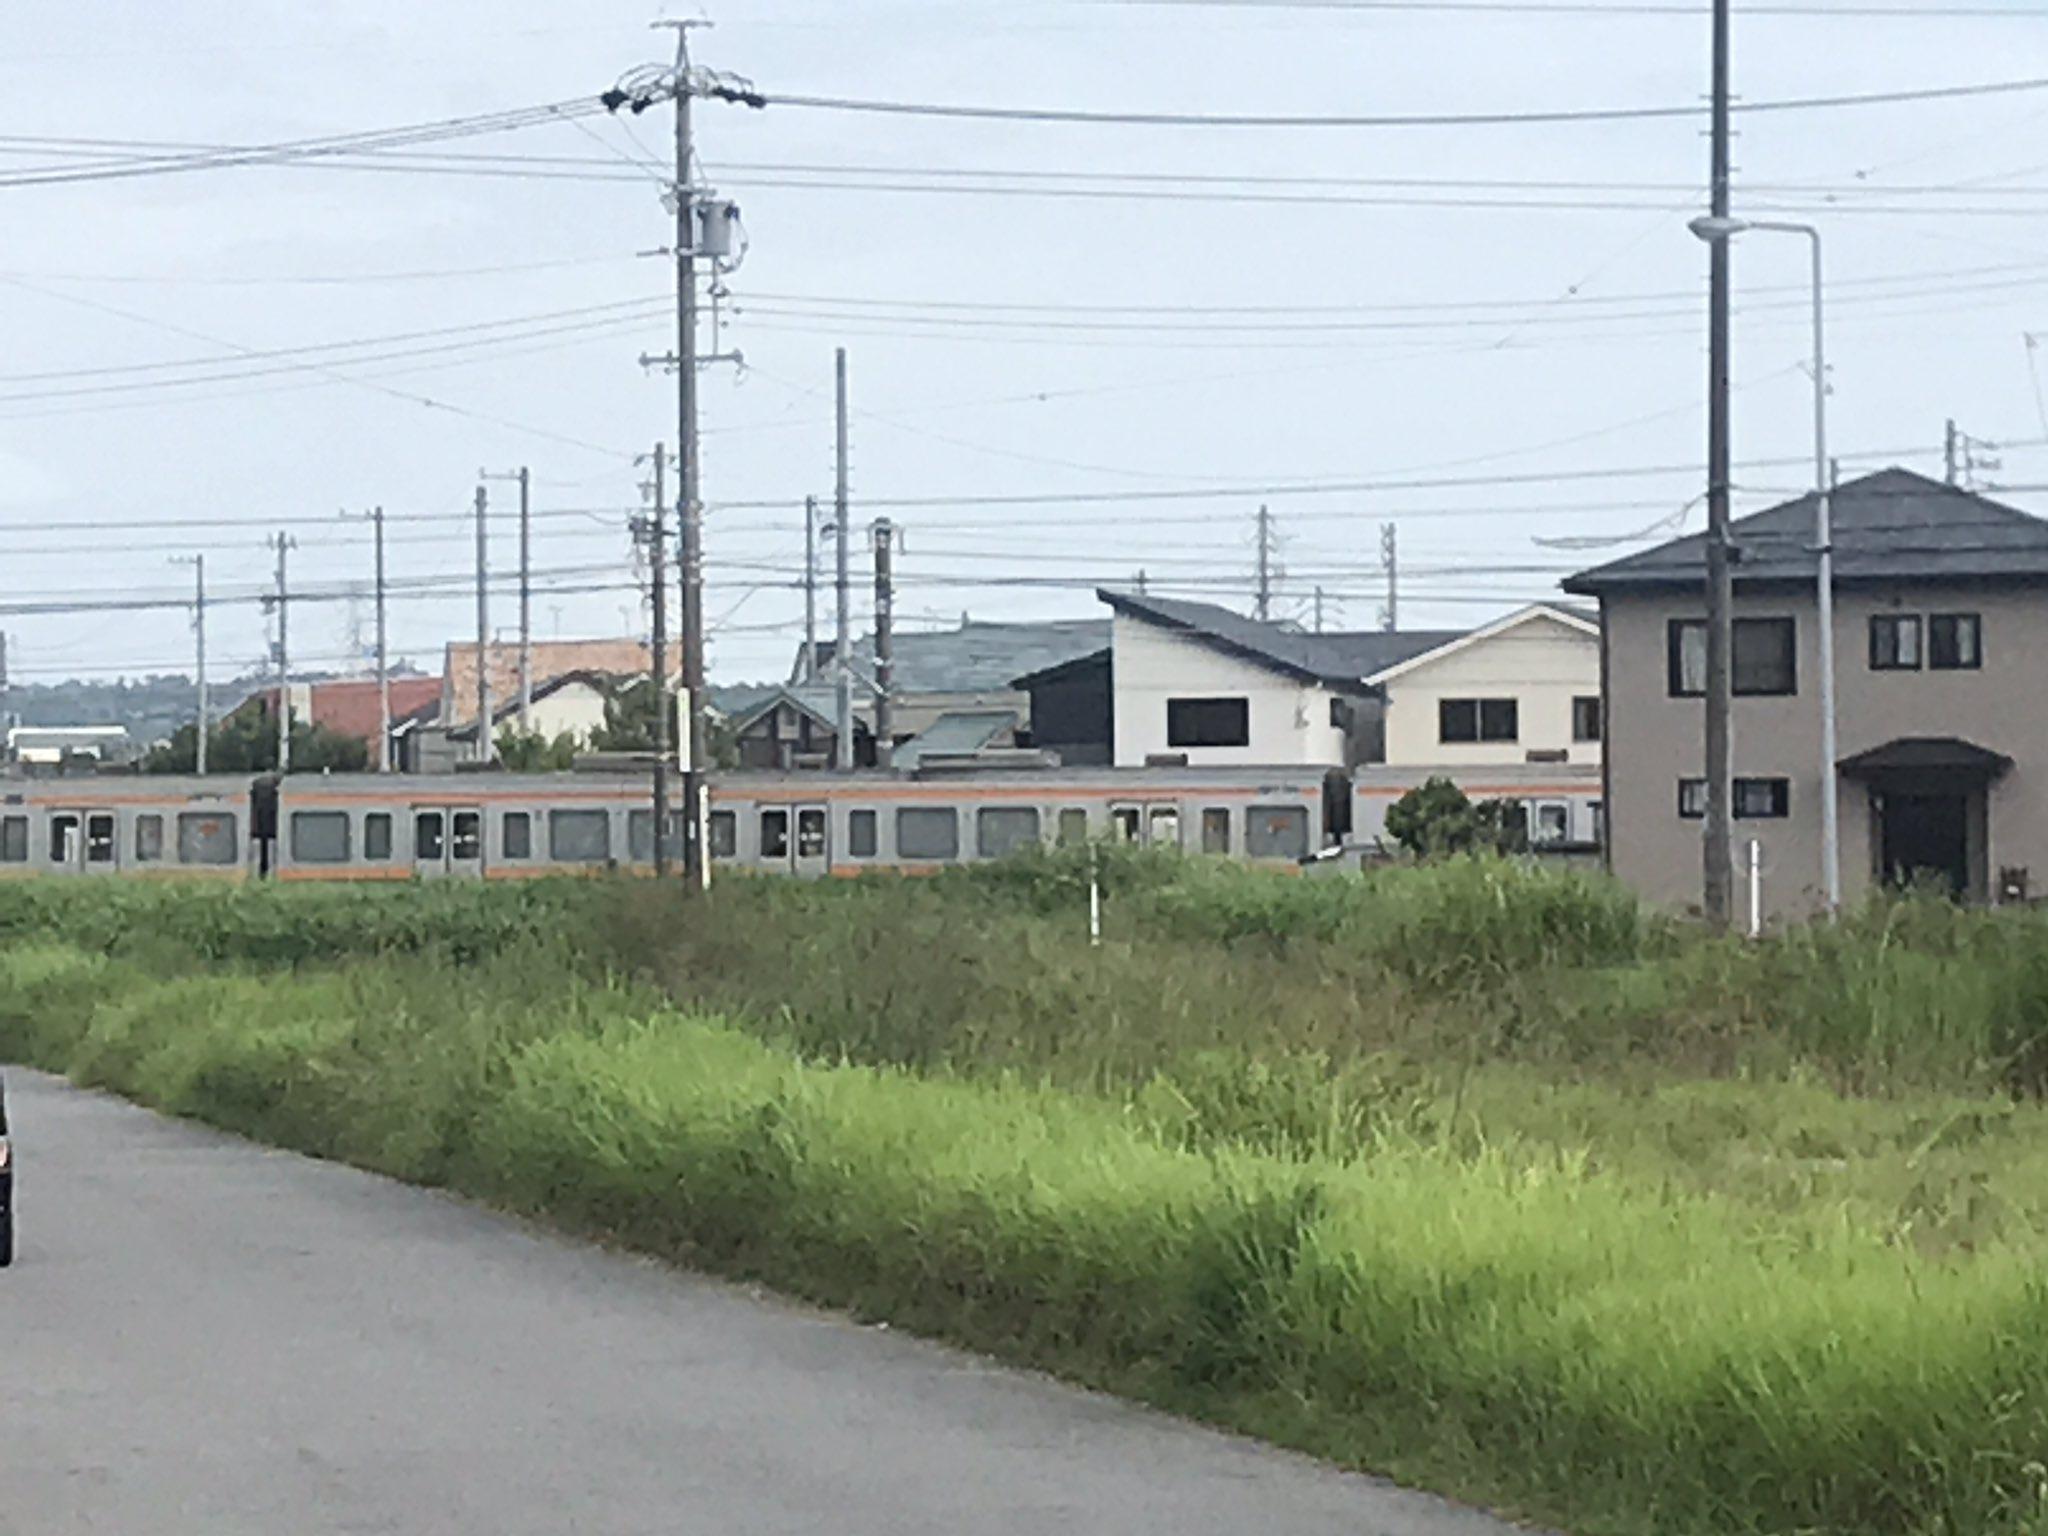 中央本線の神領駅~高蔵寺駅間で人身事故が起きた現場の画像